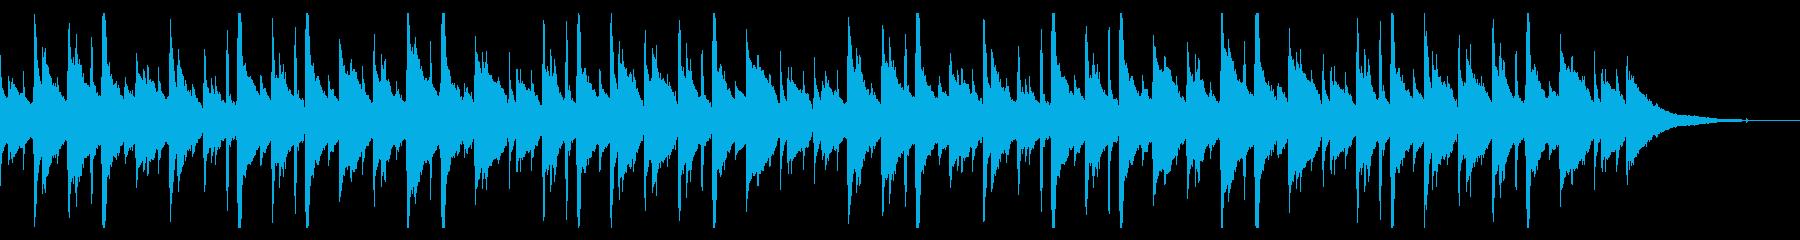 癒し系のアコースティックヒーリング音楽の再生済みの波形